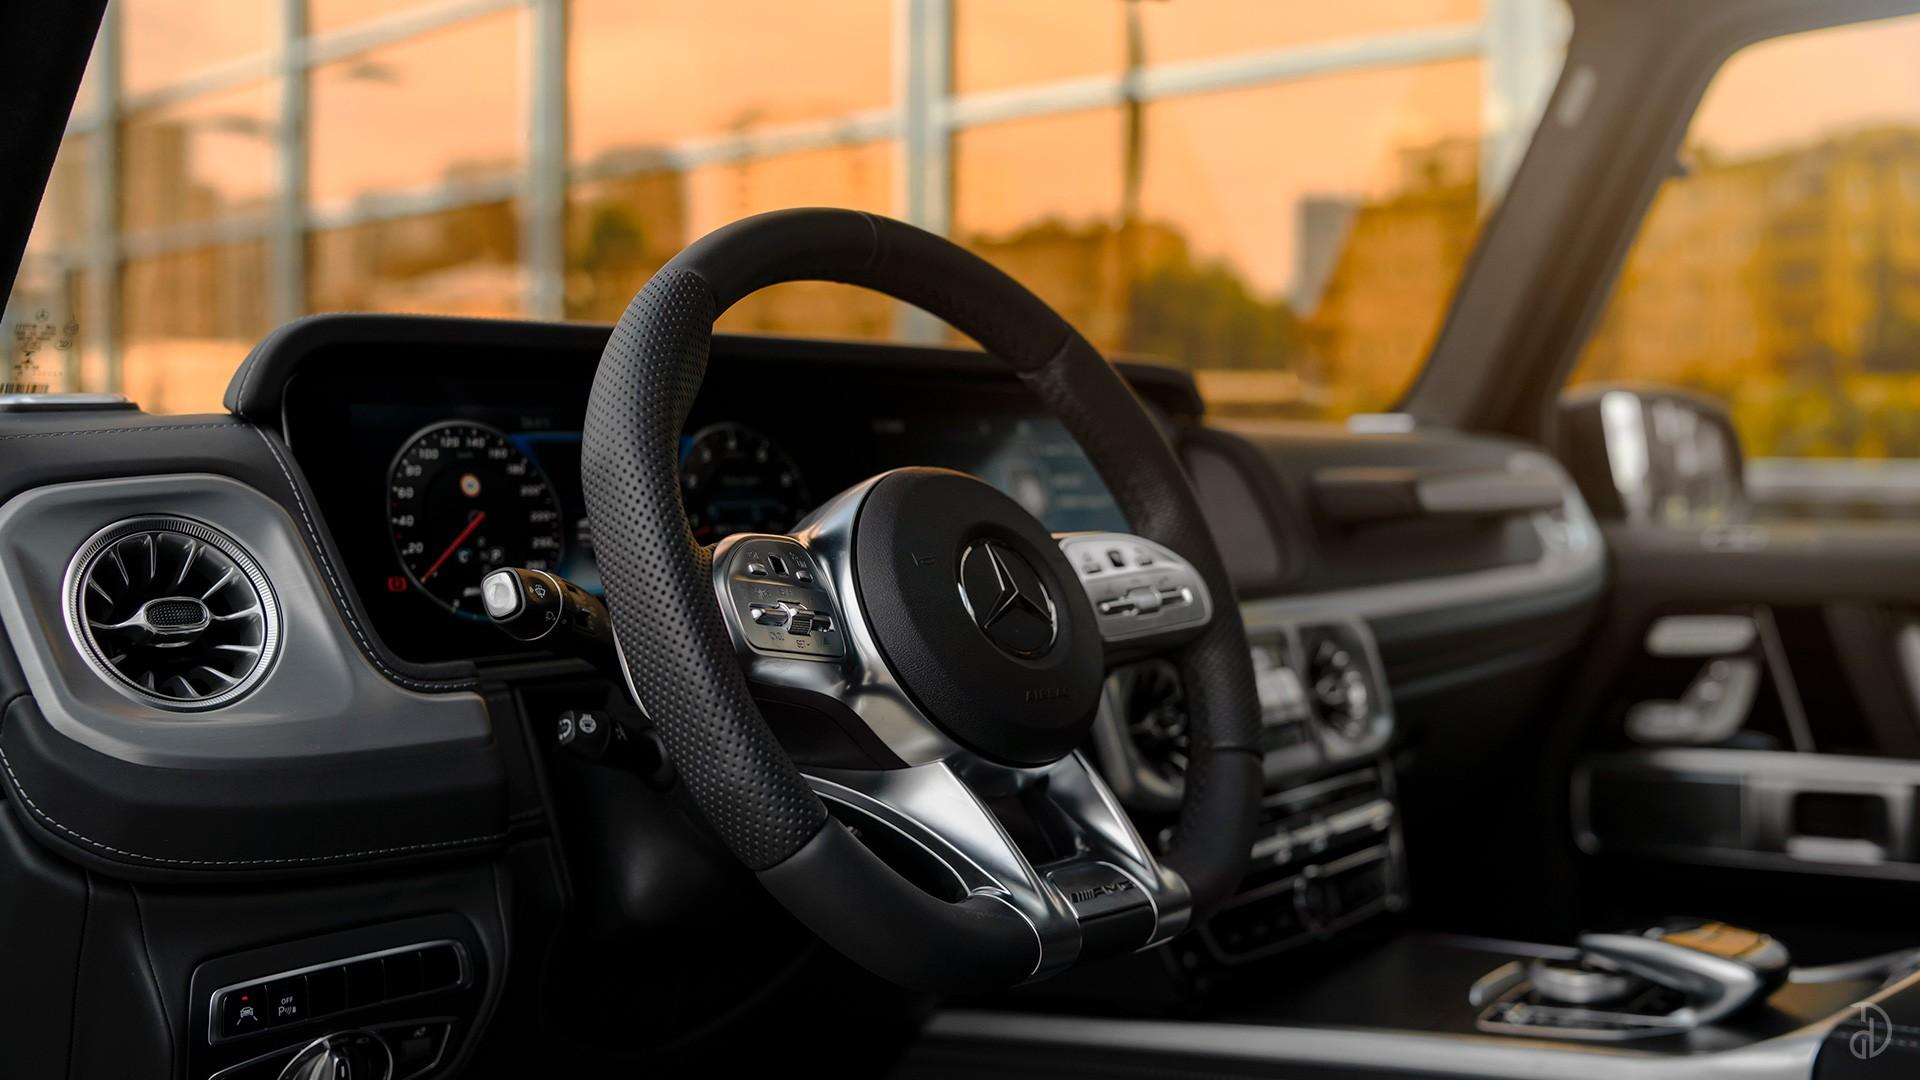 Mercedes G 63 AMG (Гелендваген). Фото 11